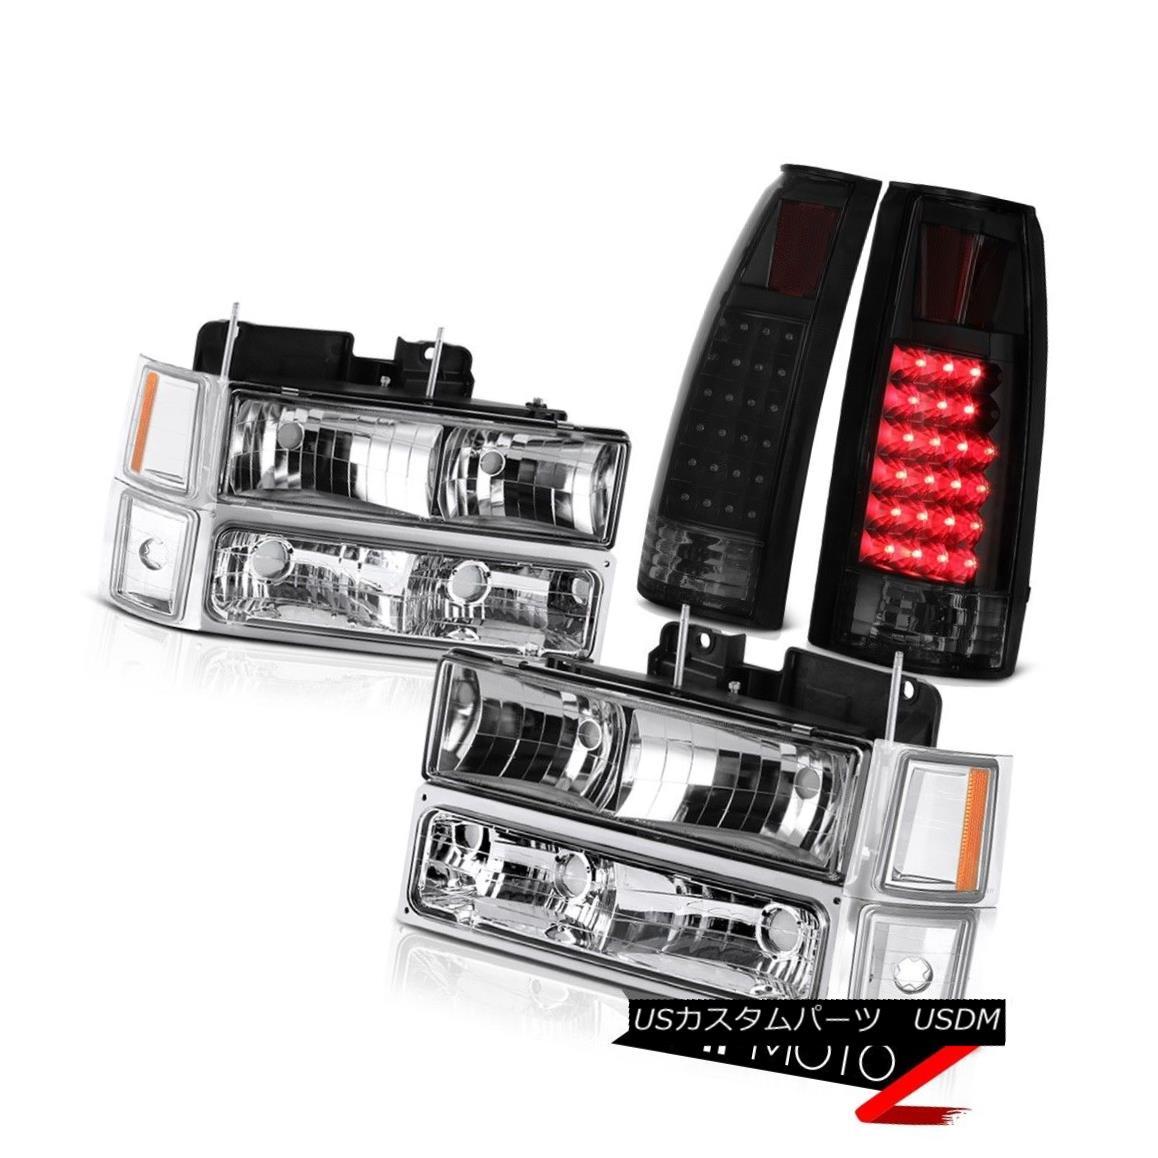 テールライト 1994-1998 Chevy K1500 Sinister Black Tail Brake Lights Parking Signal Headlights 1994-1998 Chevy K1500 Sinisterブラックテール・ブレーキライト・シグナル・ヘッドライト